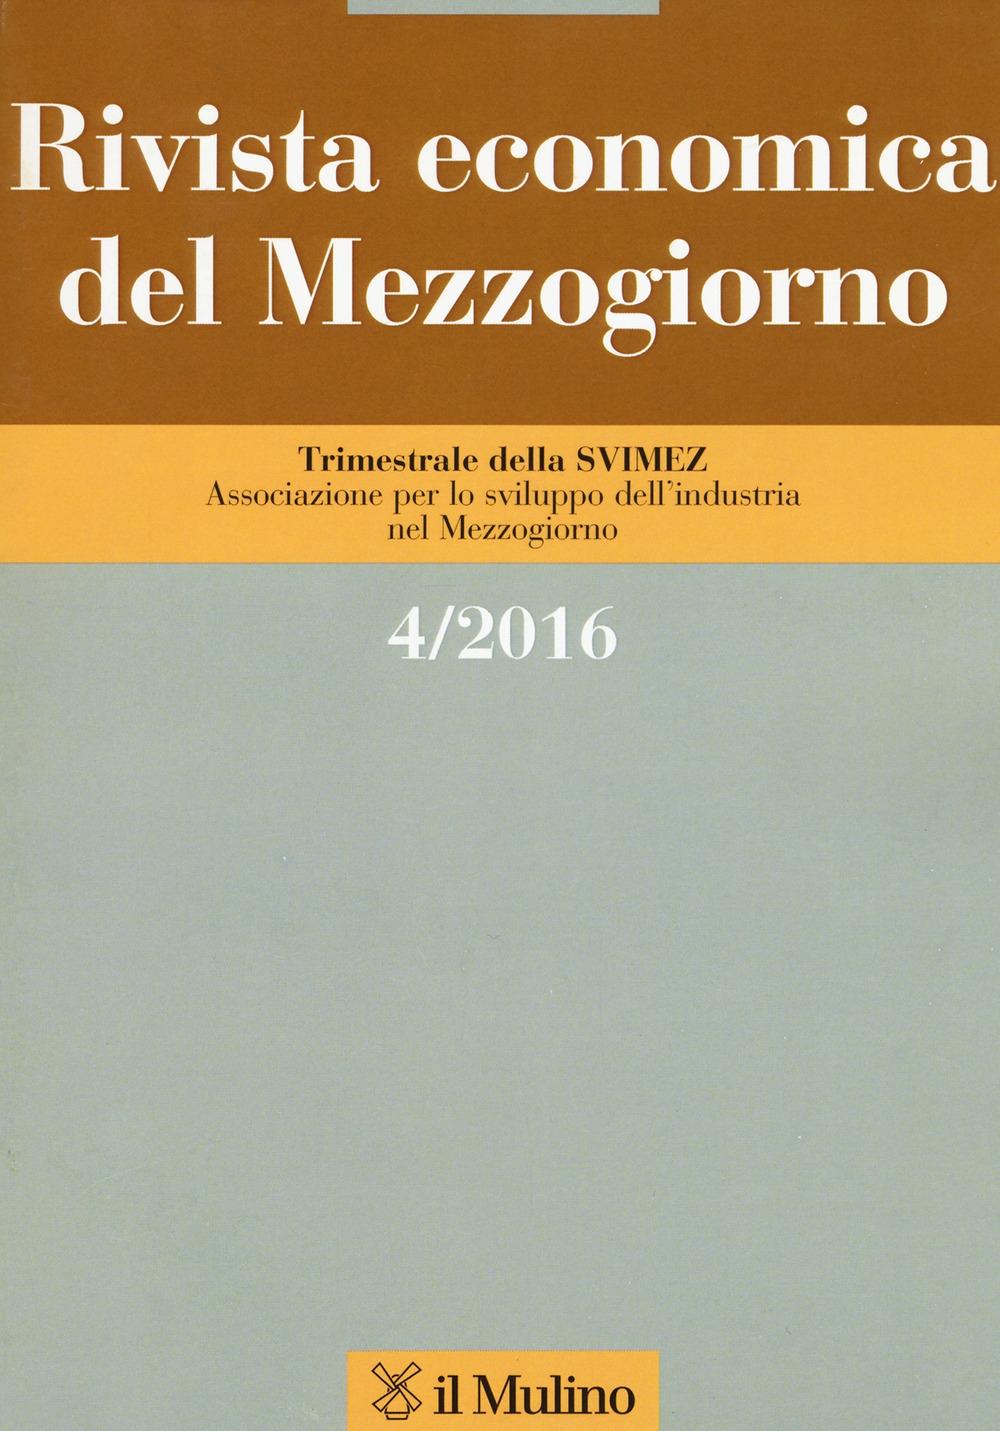 Rivista economica del Mezzogiorno (2016). Vol. 4.